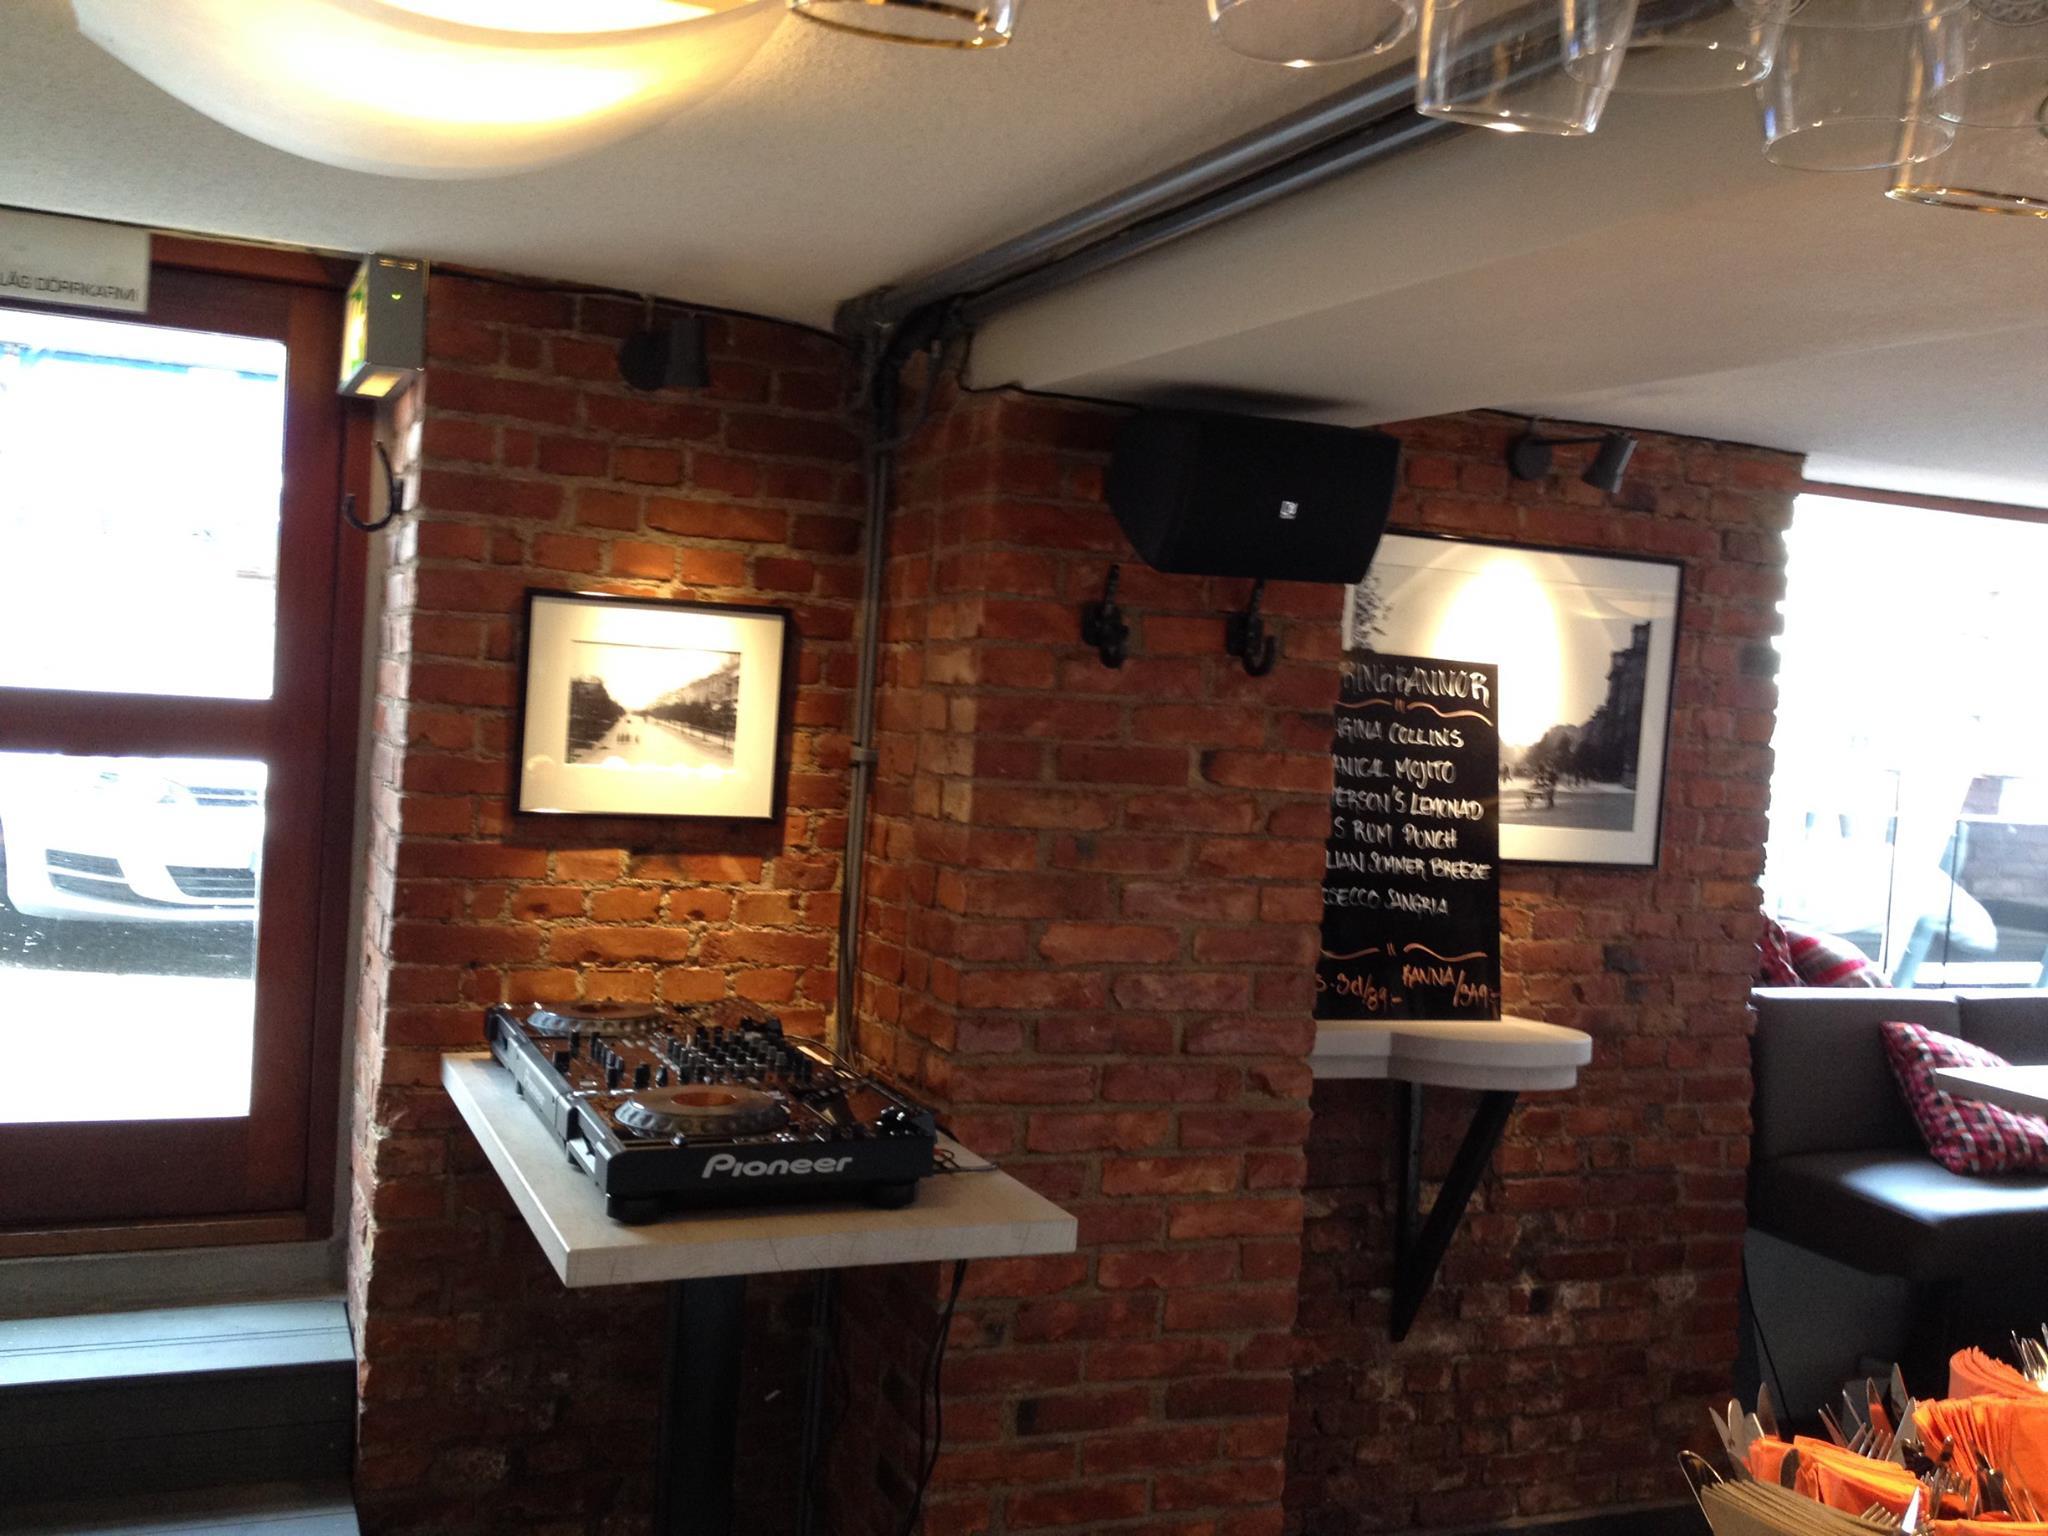 Restaurang Tv�kanten i G�teborg